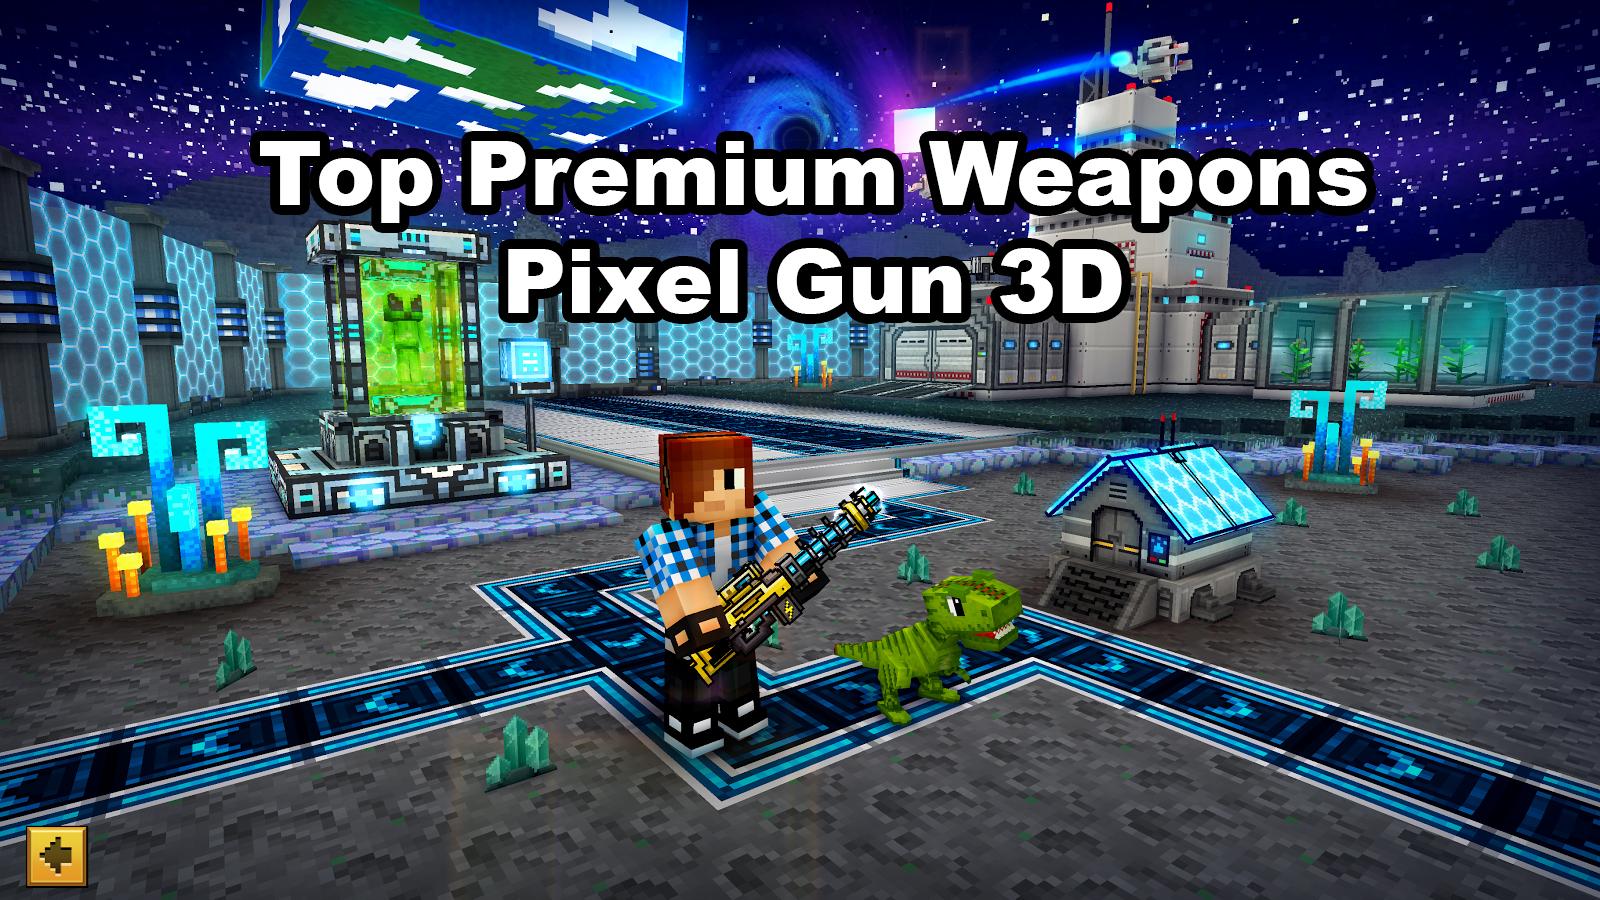 Top Premium Weapons Pixel Gun 3D